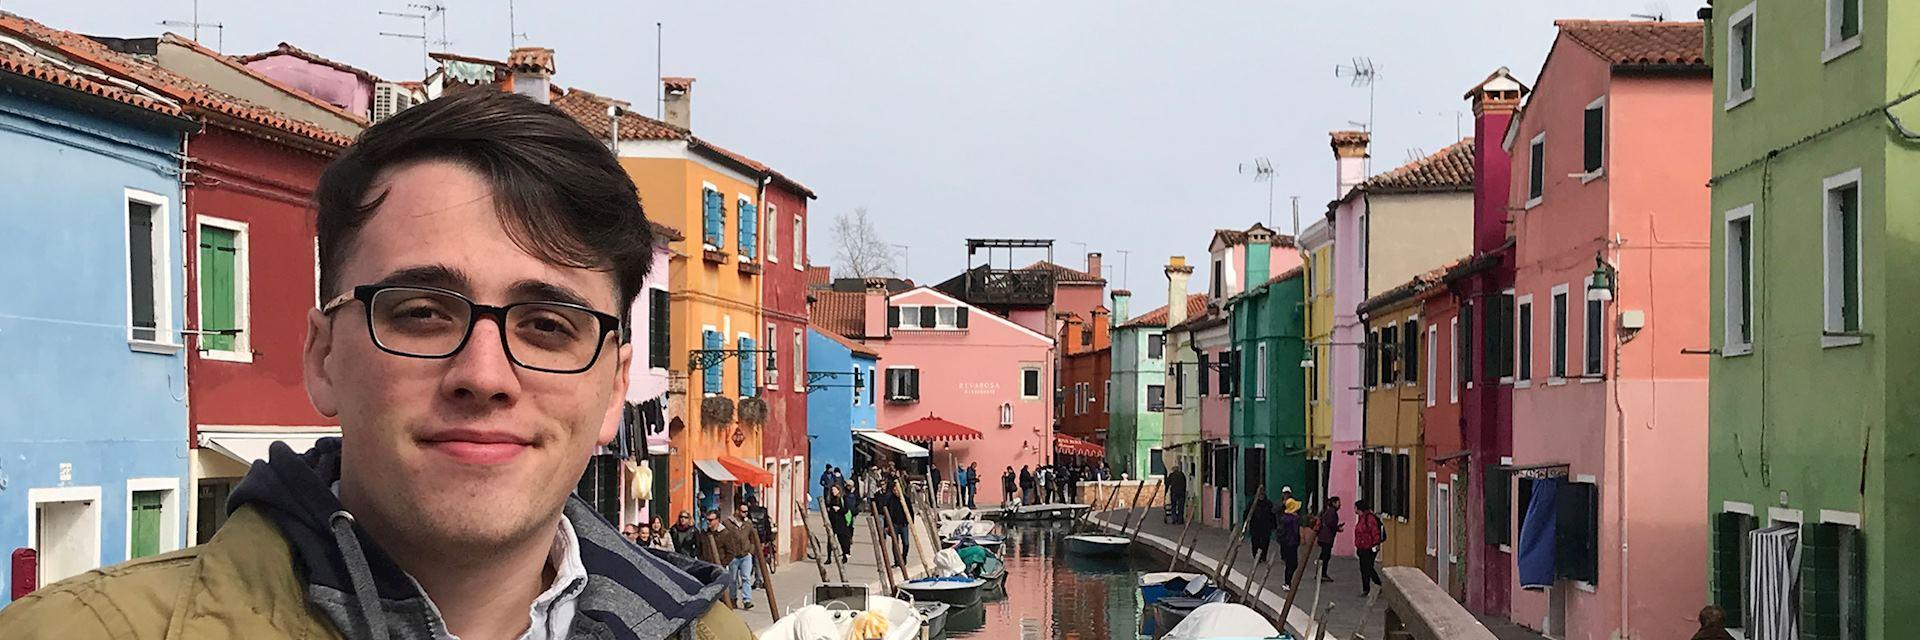 Joe in Burano, Italy